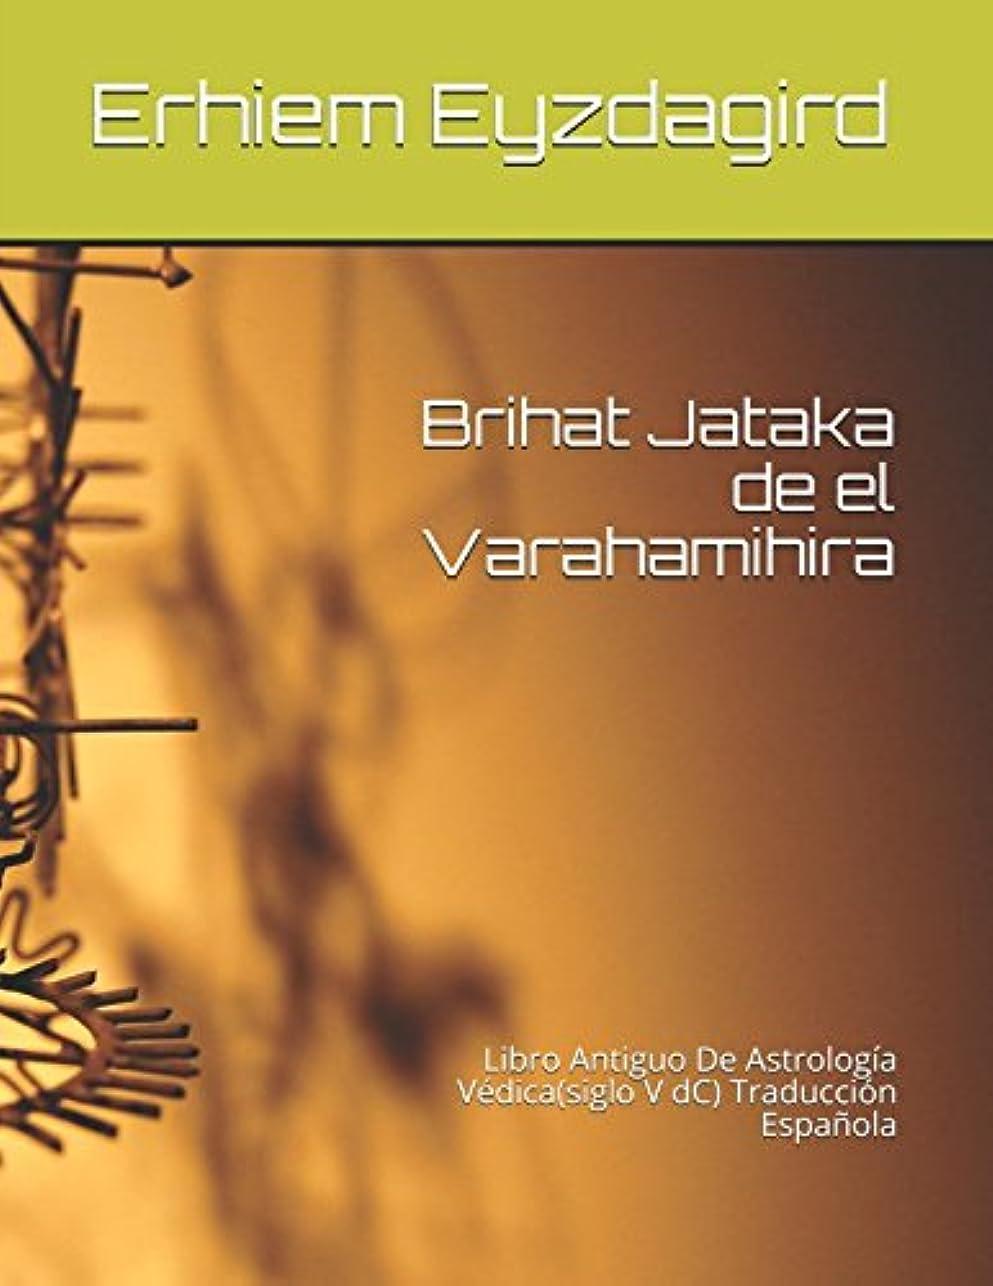 異常時折先史時代のBrihat Jataka de el Varahamihira: Libro Antiguo De Astrología Védica(siglo V dC) Traducción Espa?ola